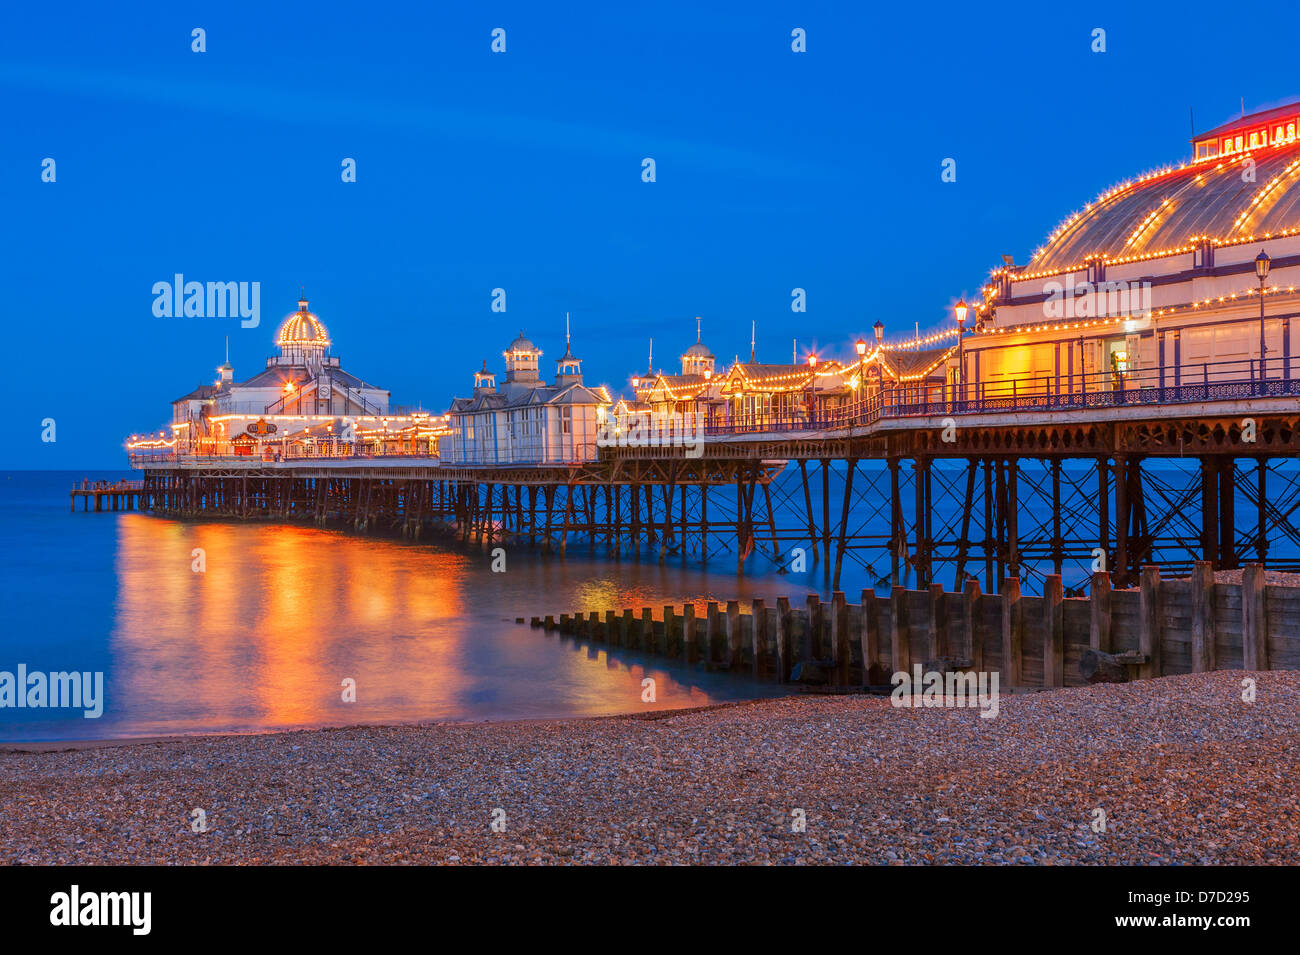 Eastbourne Pier beleuchtet in der Dämmerung Stockfoto